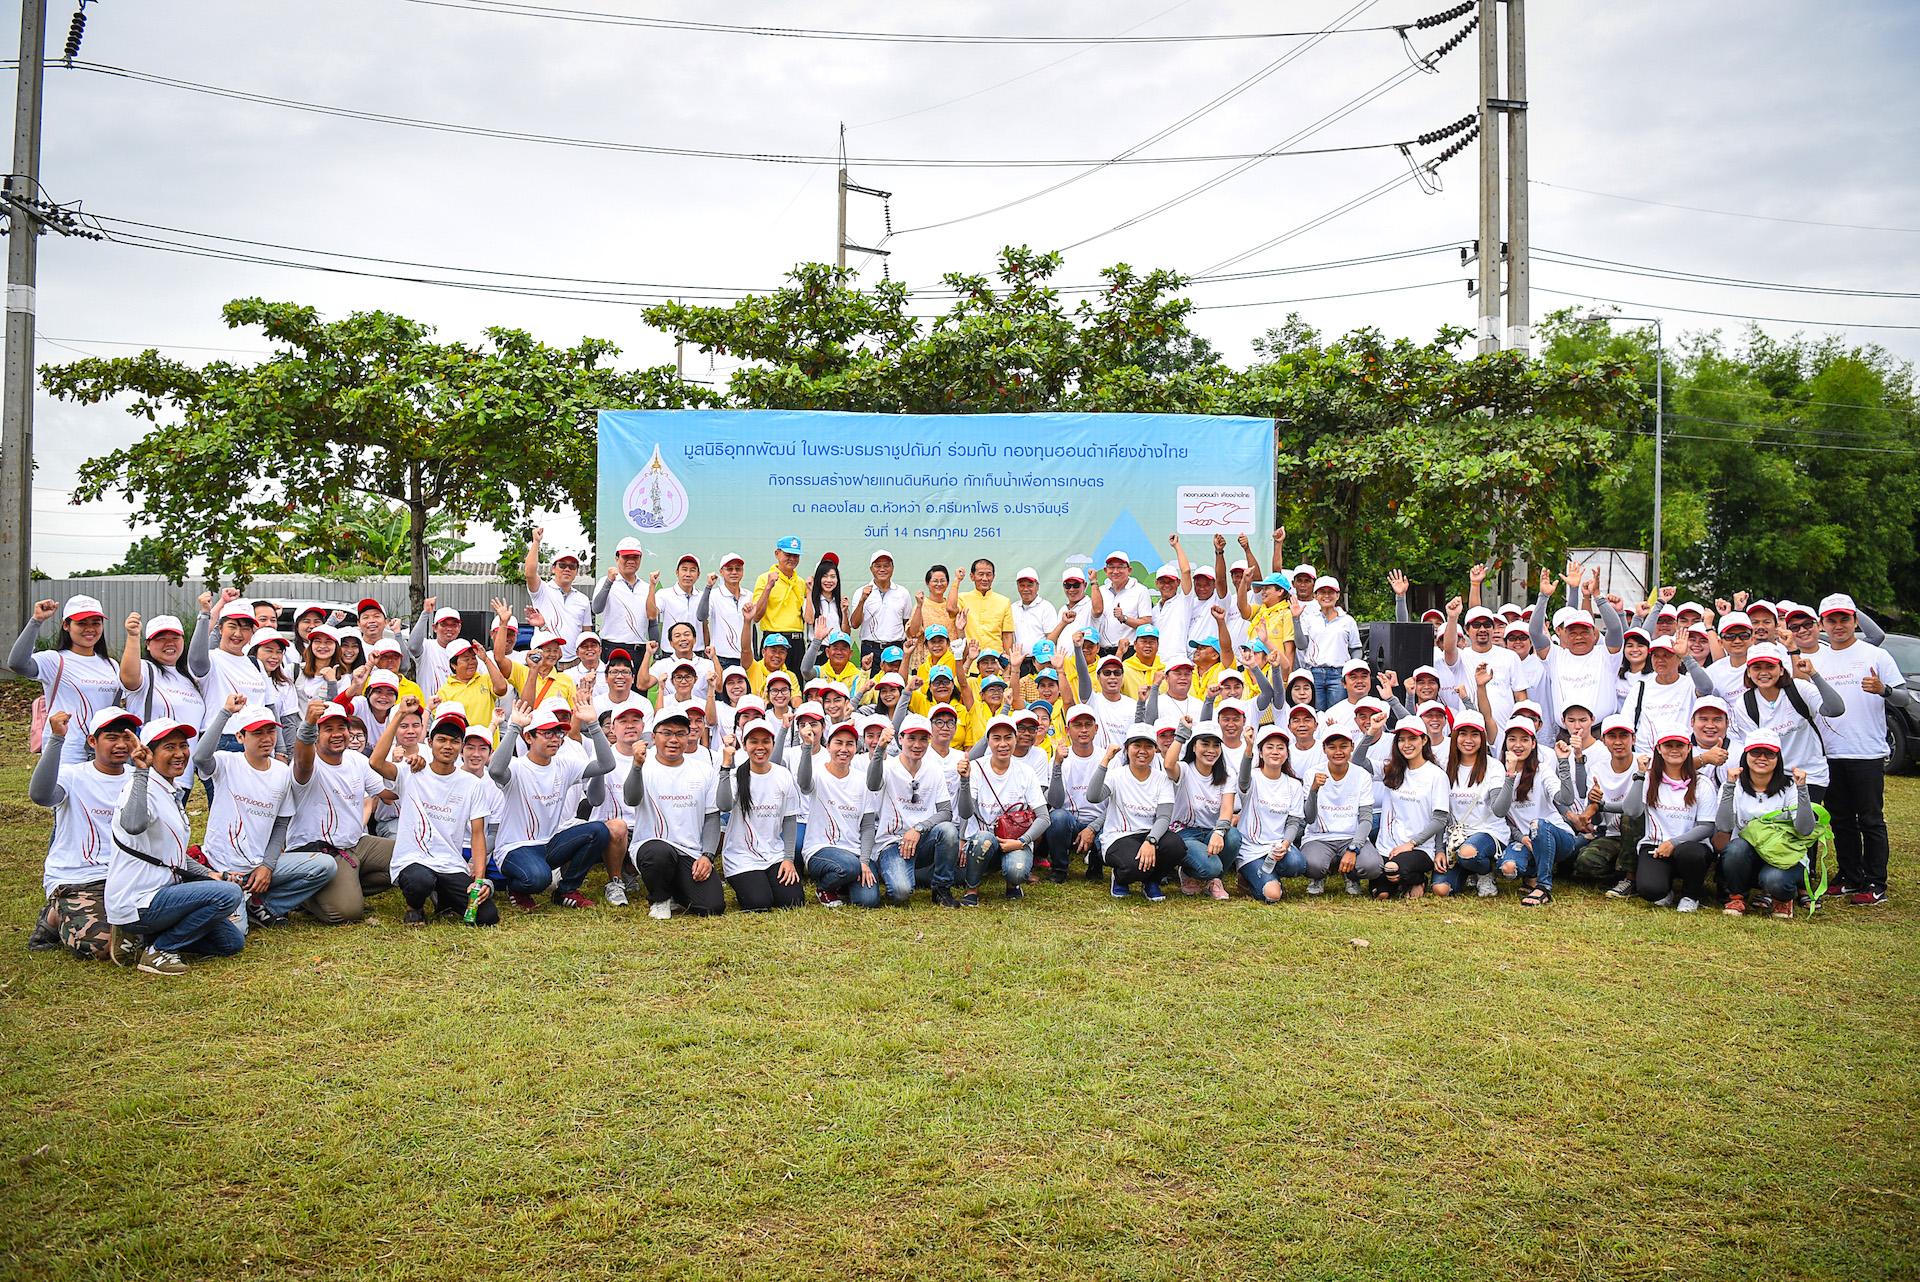 กองทุนฮอนด้าเคียงข้างไทย ร่วมกับ มูลนิธิอุทกพัฒน์ ในพระบรมราชูปถัมภ์ สานต่อโครงการพัฒนาแหล่งน้ำ ลุ่มน้ำปราจีนบุรี ปีที่ 4 เพื่อแก้ไขปัญหาภัยแล้งและน้ำหลากอย่างยั่งยืน